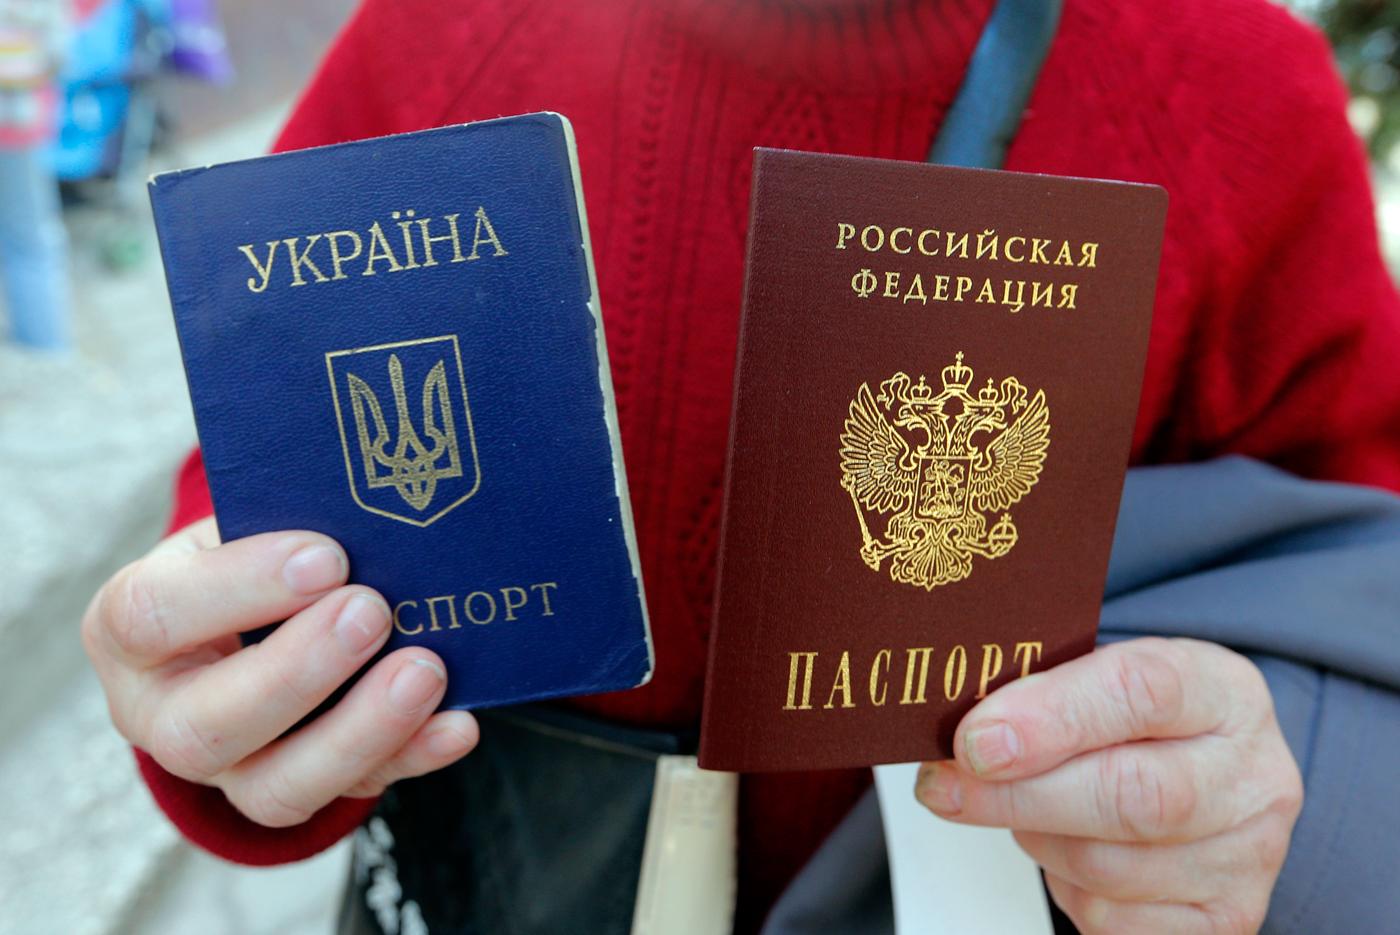 Картинки по запросу фото эмиграция с украины в россию